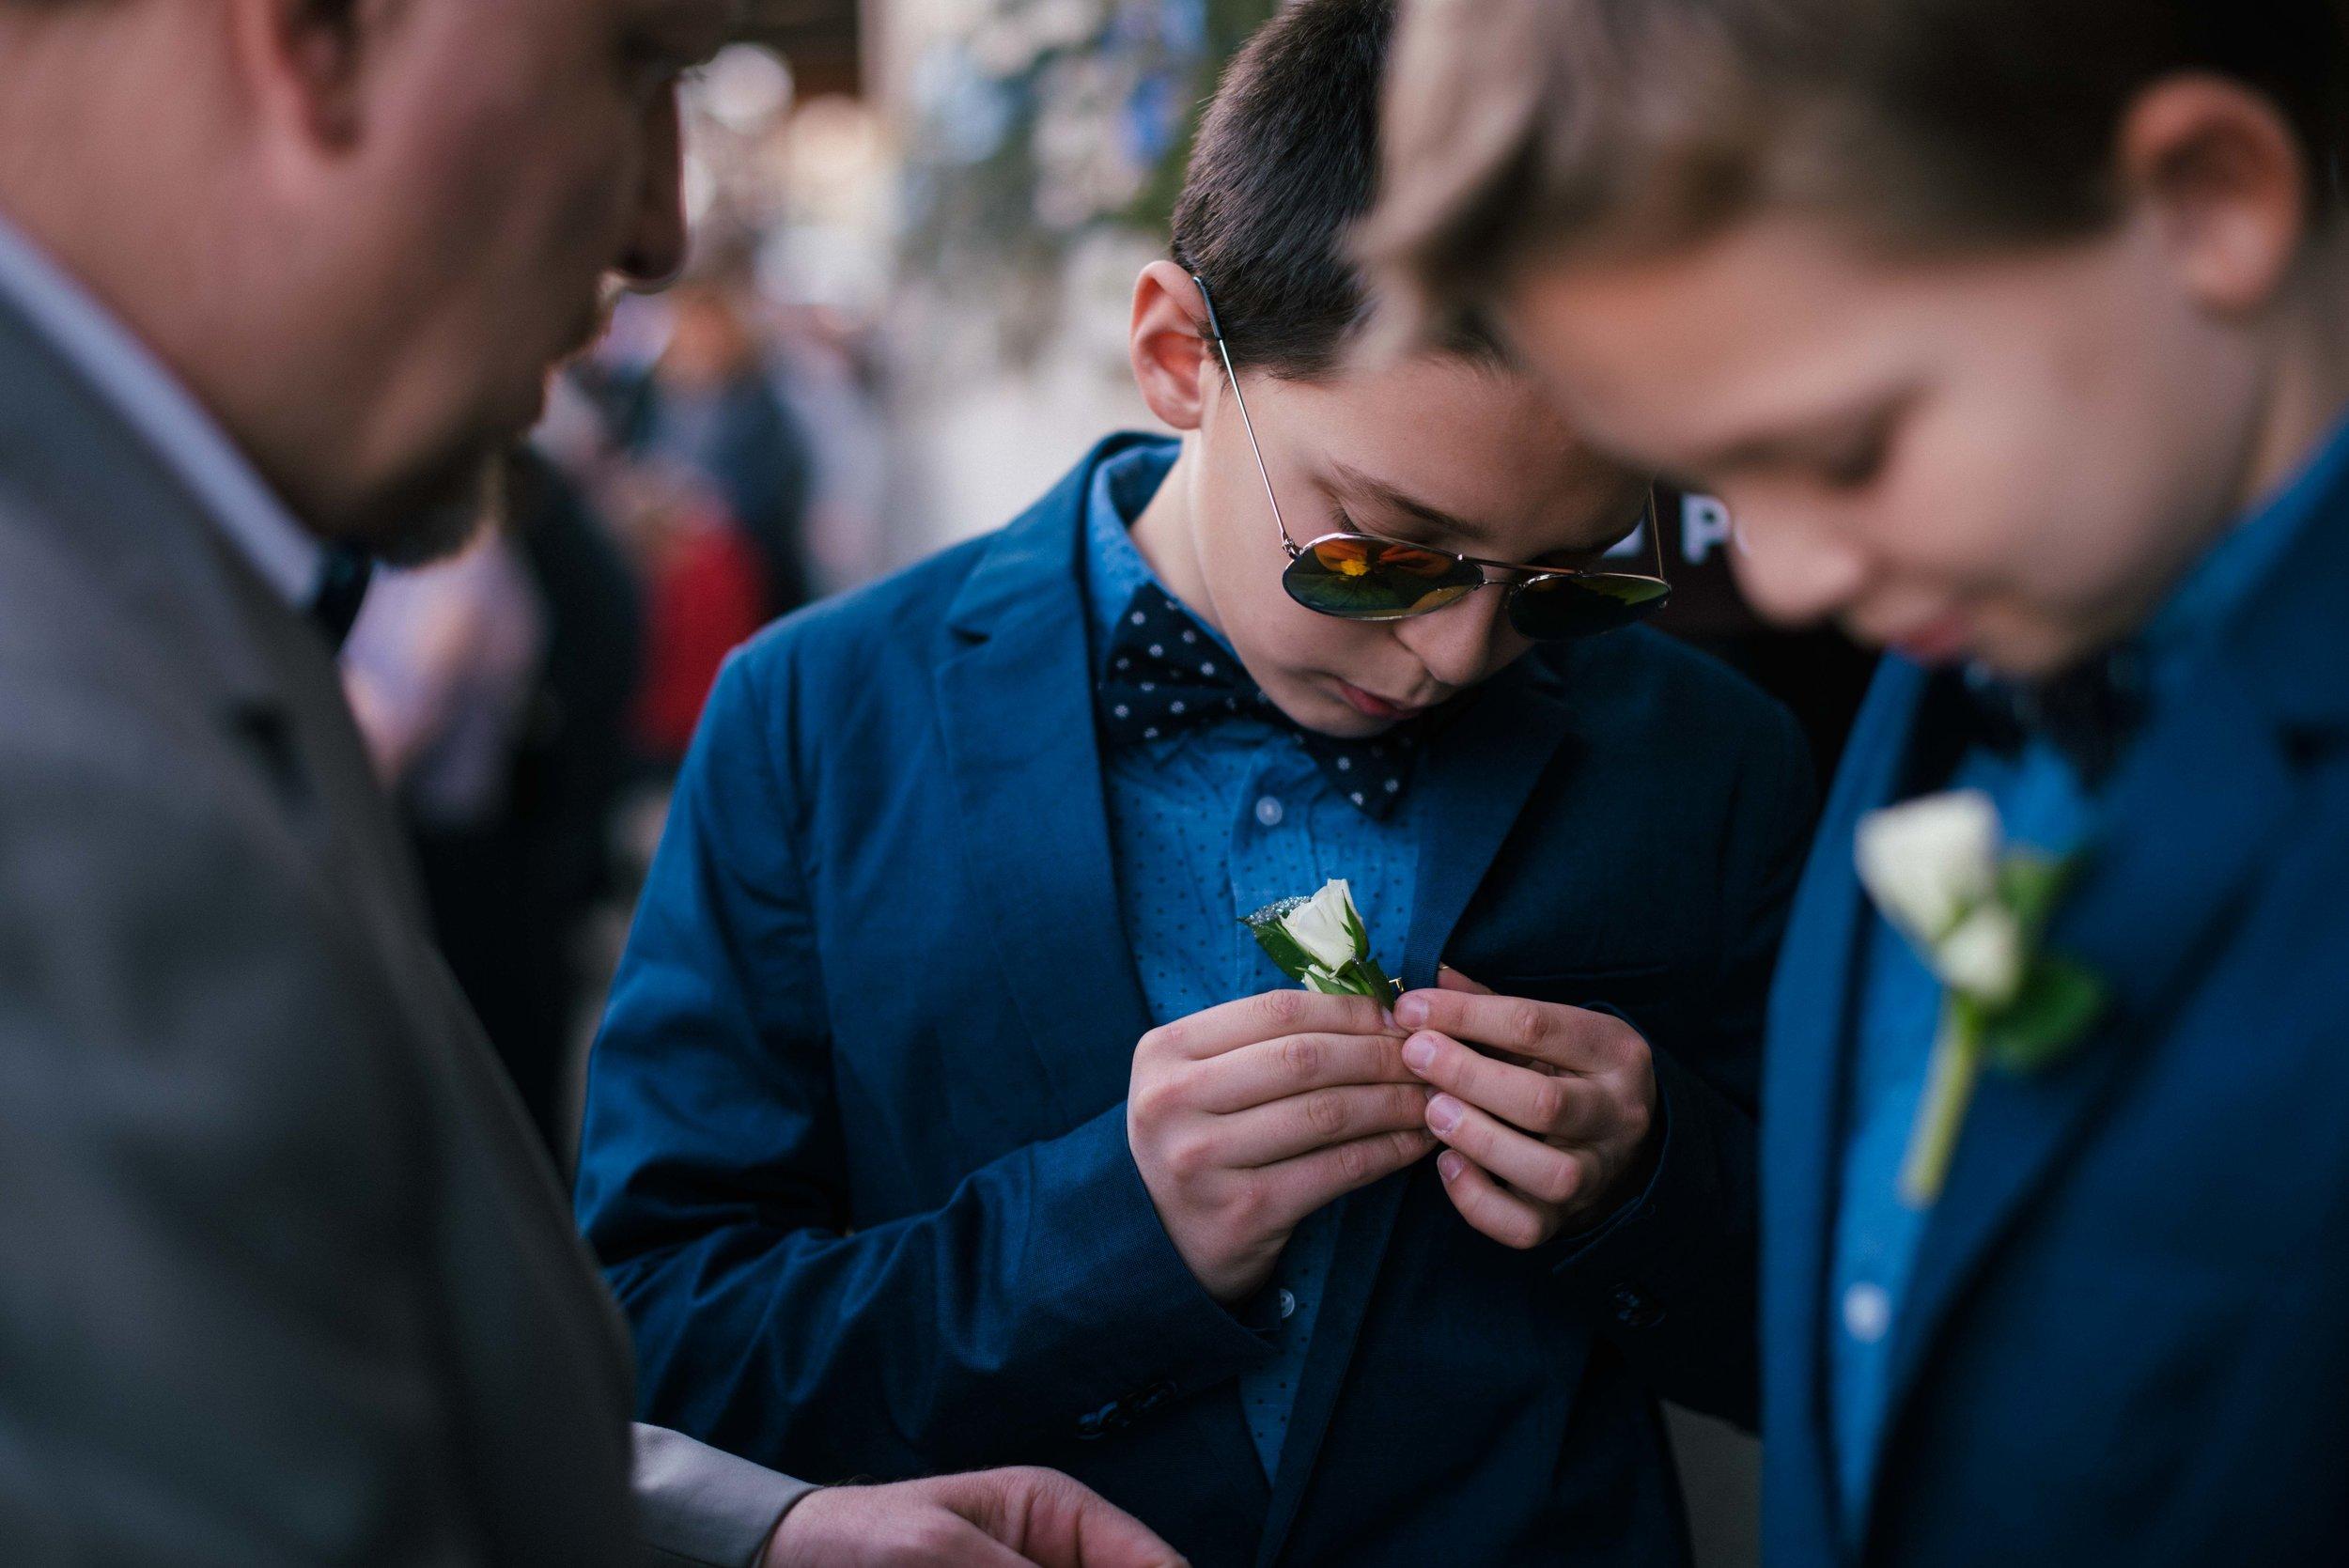 Léa-Fery-photographe-professionnel-lyon-rhone-alpes-portrait-mariage-couple-amour-lovesession-engagement-elopment-2148.jpg